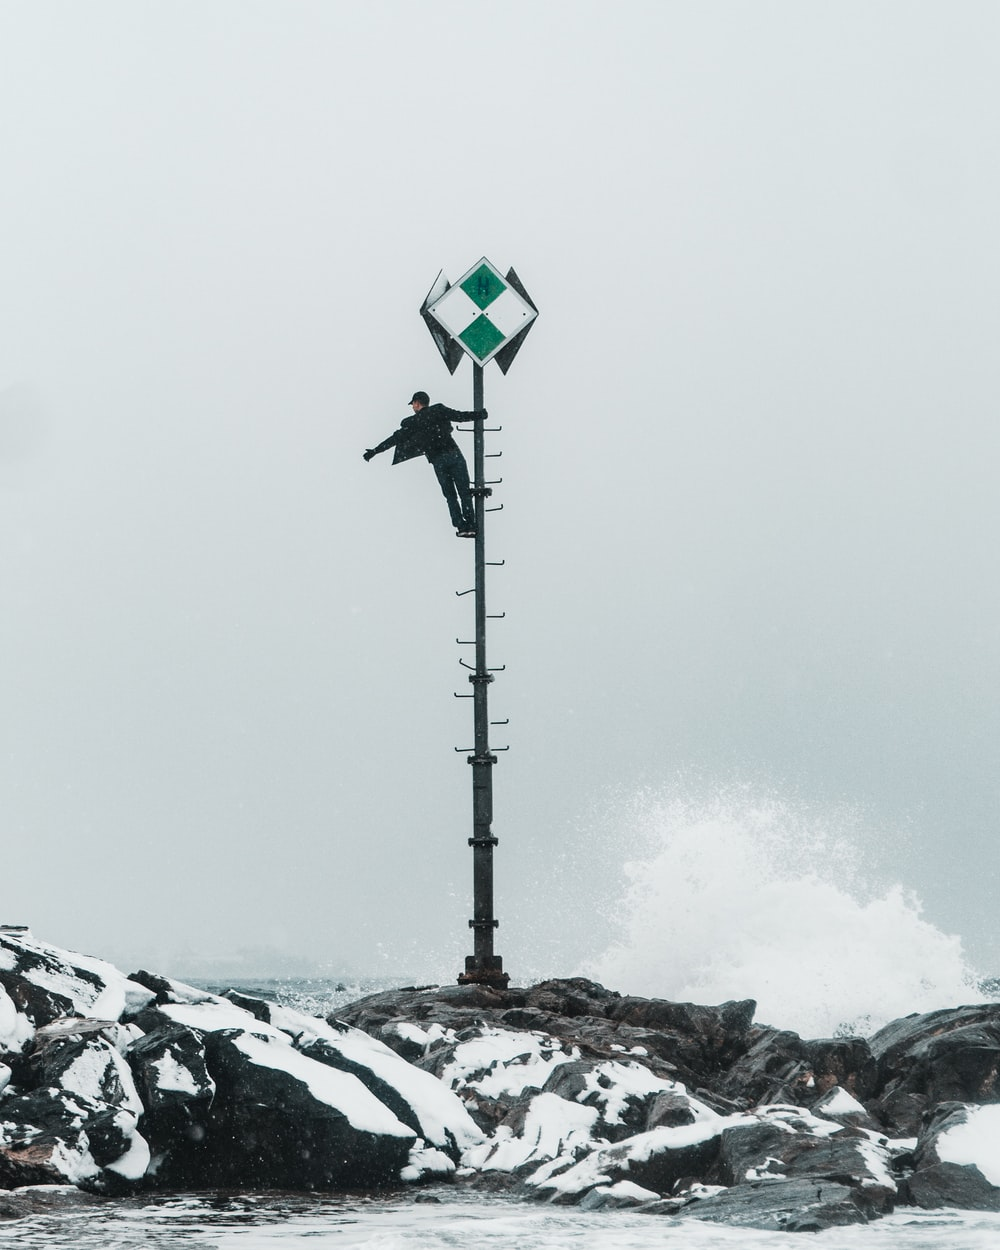 man climbing on pole